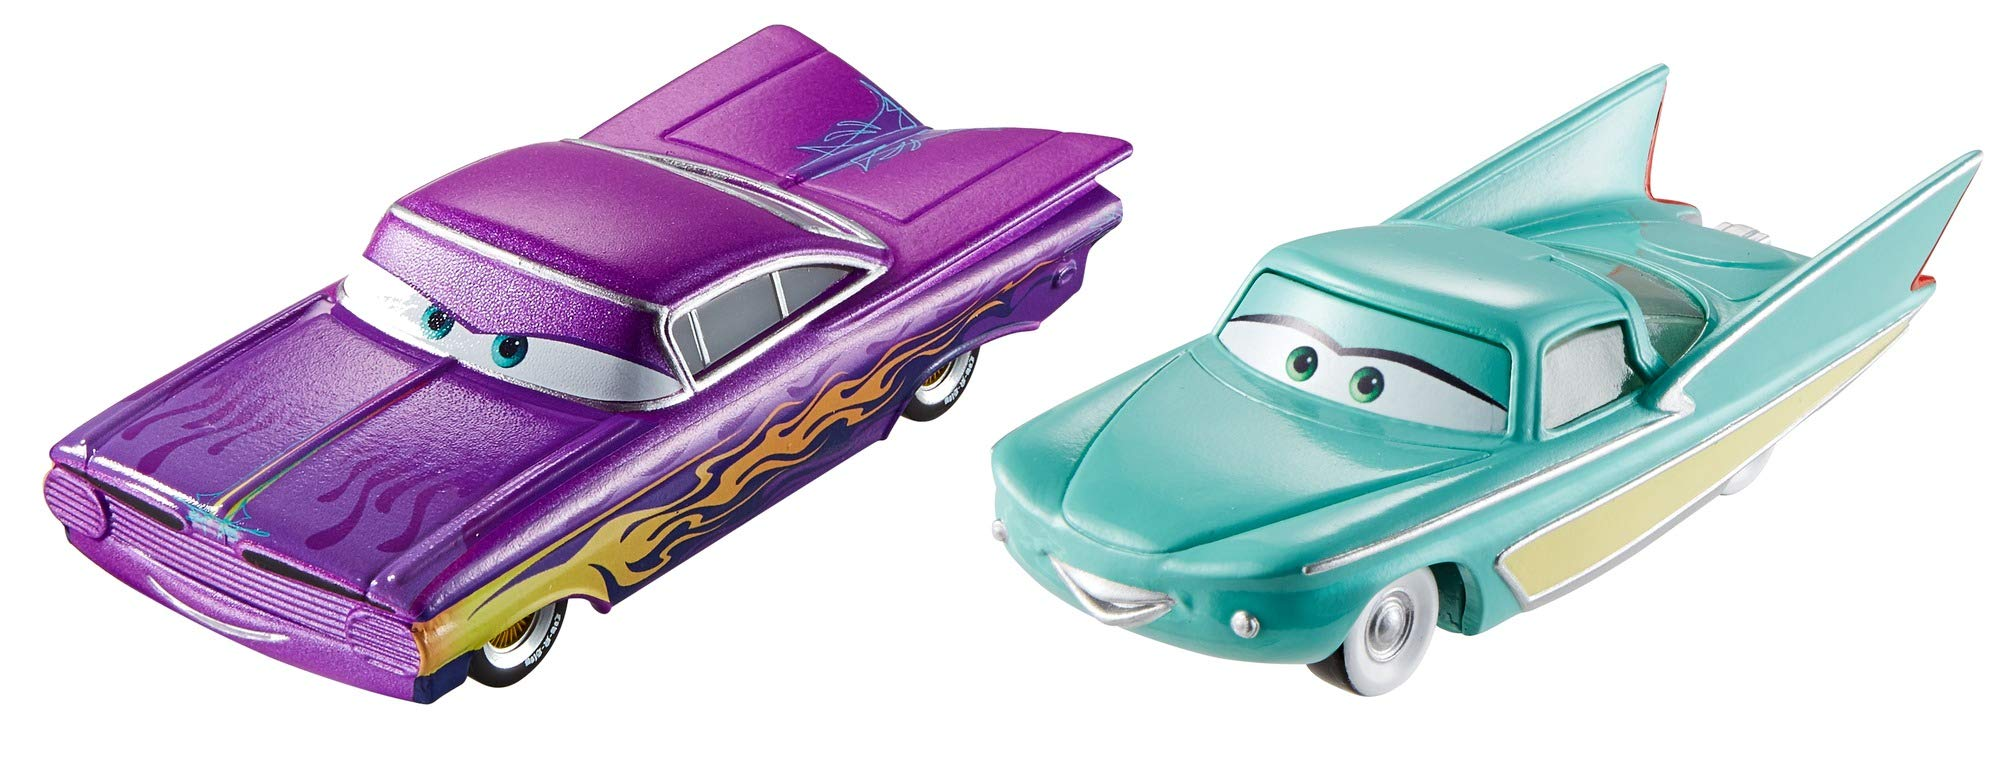 Disney Cars Character Ramone Purple & FLO (2 Pack) Car: Amazon.es: Juguetes y juegos